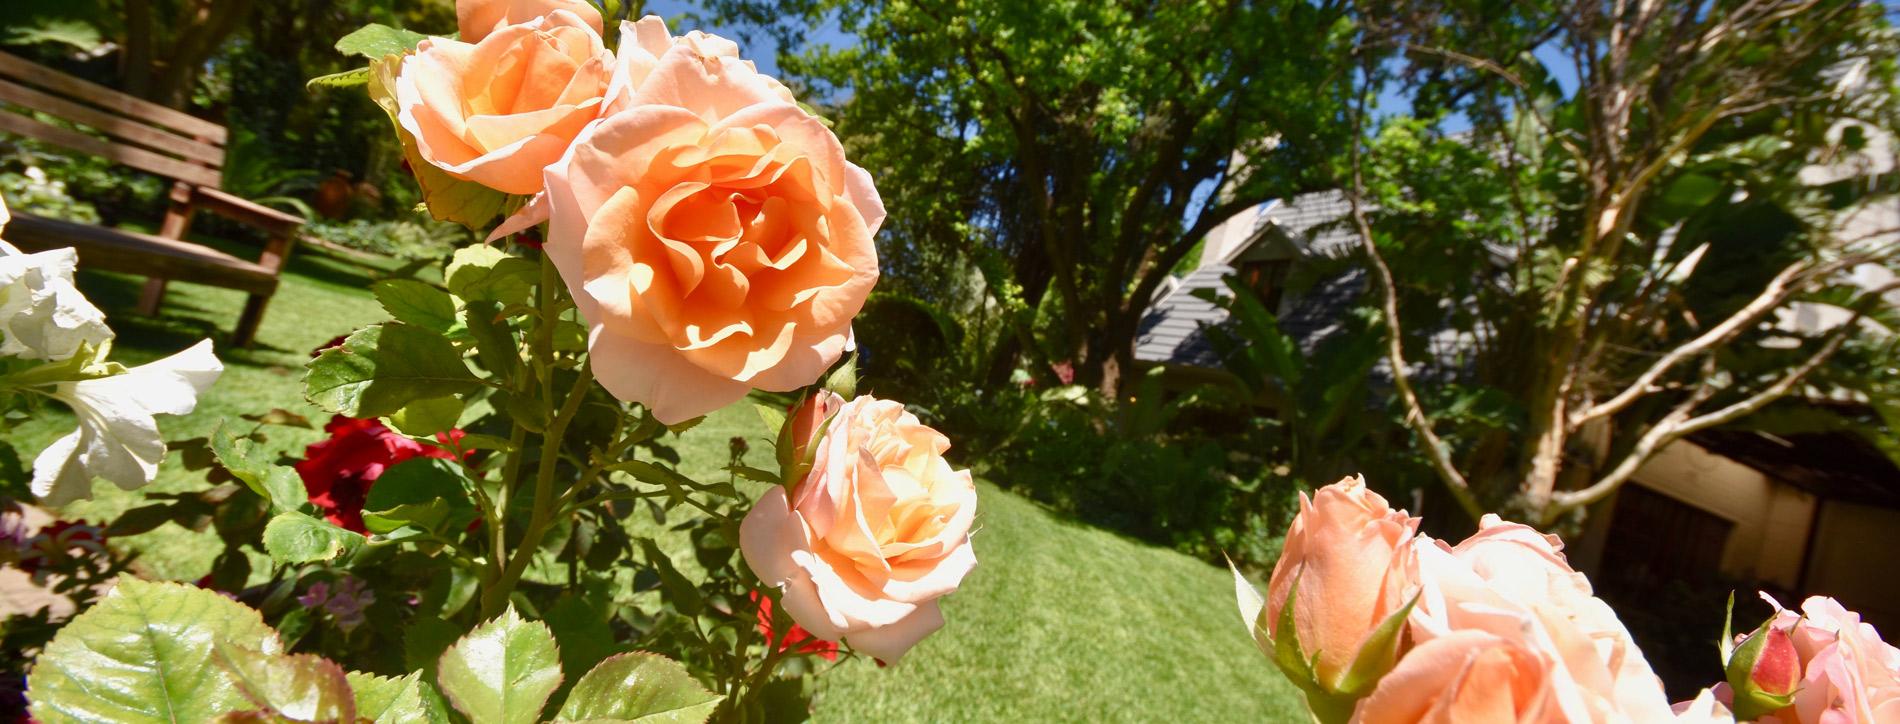 Open_gardens_Alma